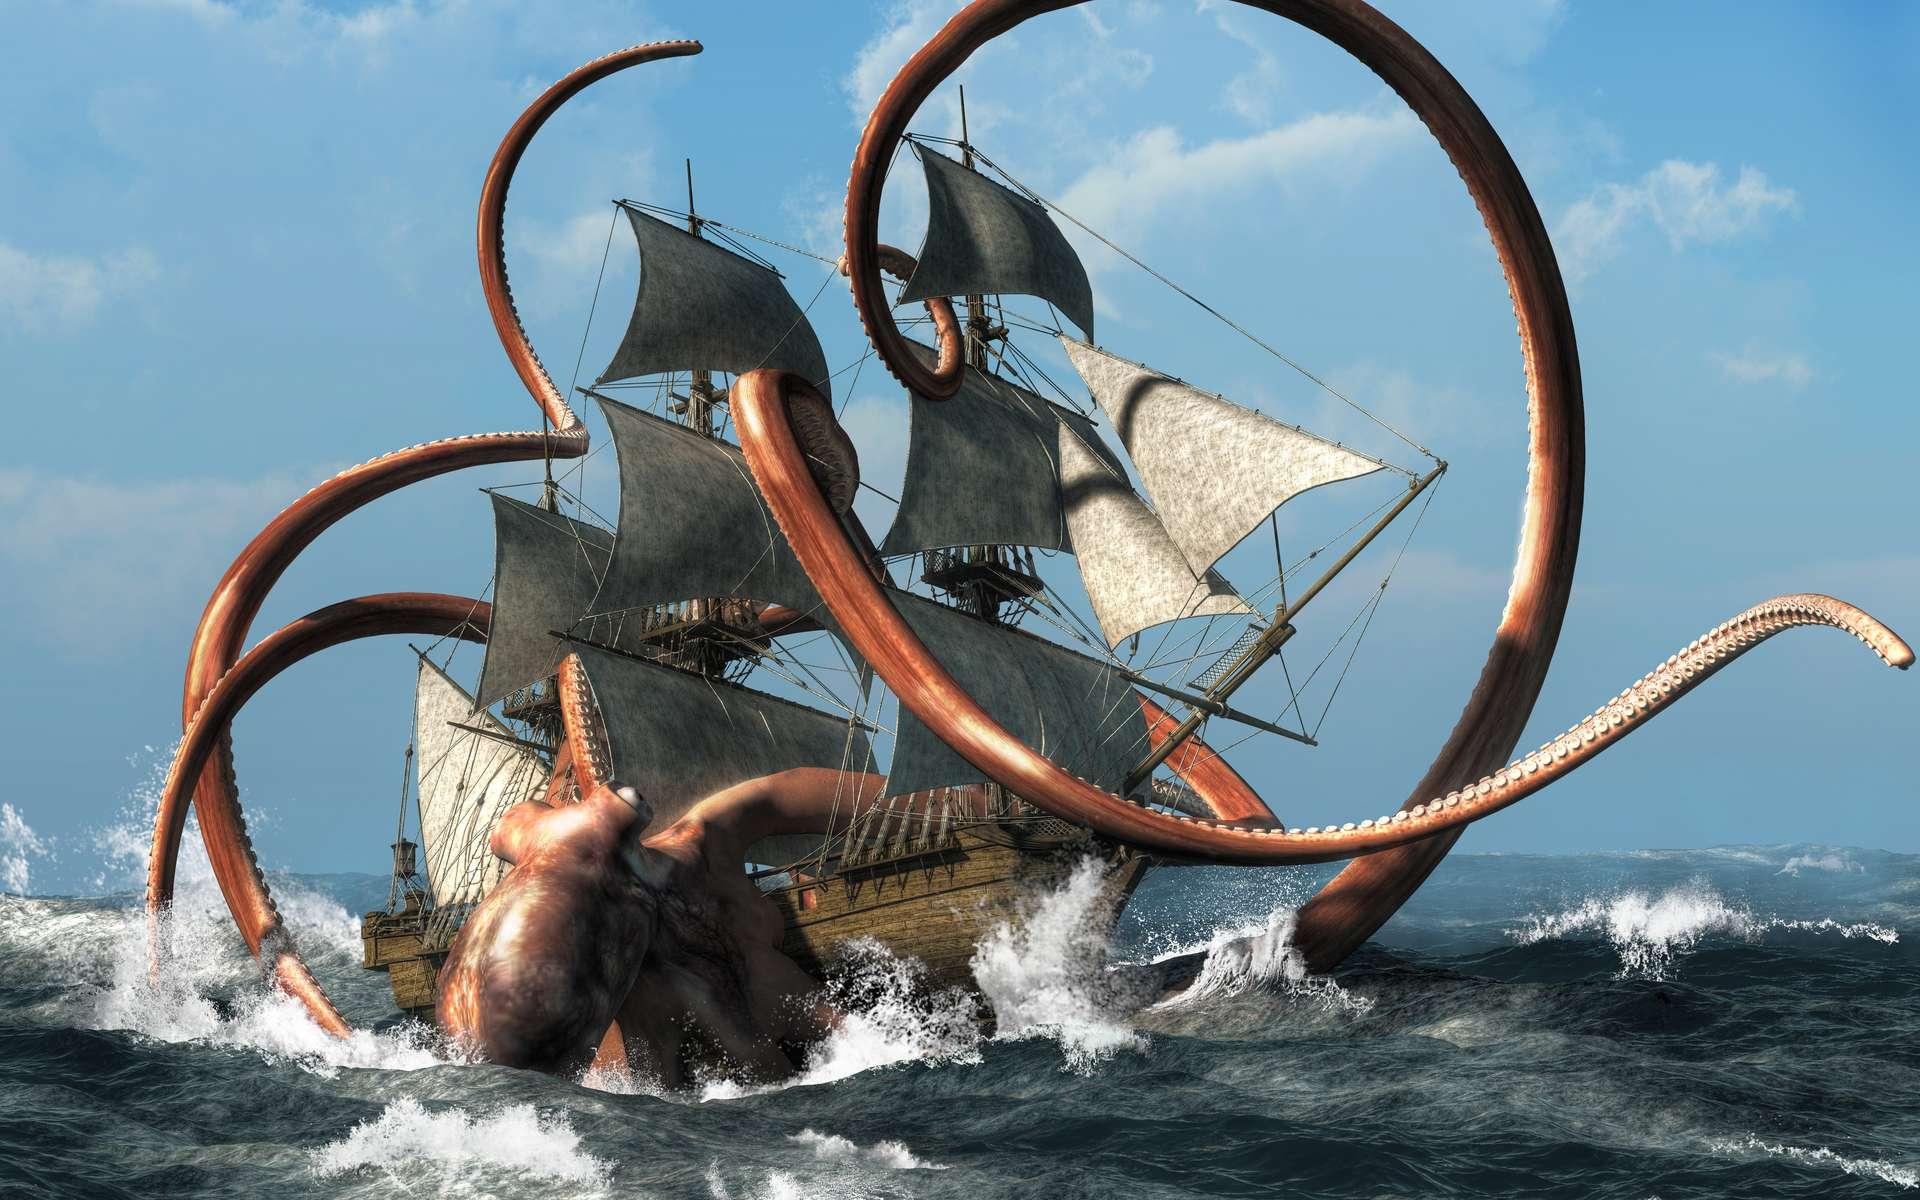 Le Kraken est une créature mythologique qui a notamment été assimilée au calmar géant. © Daniel, Adobe Stock